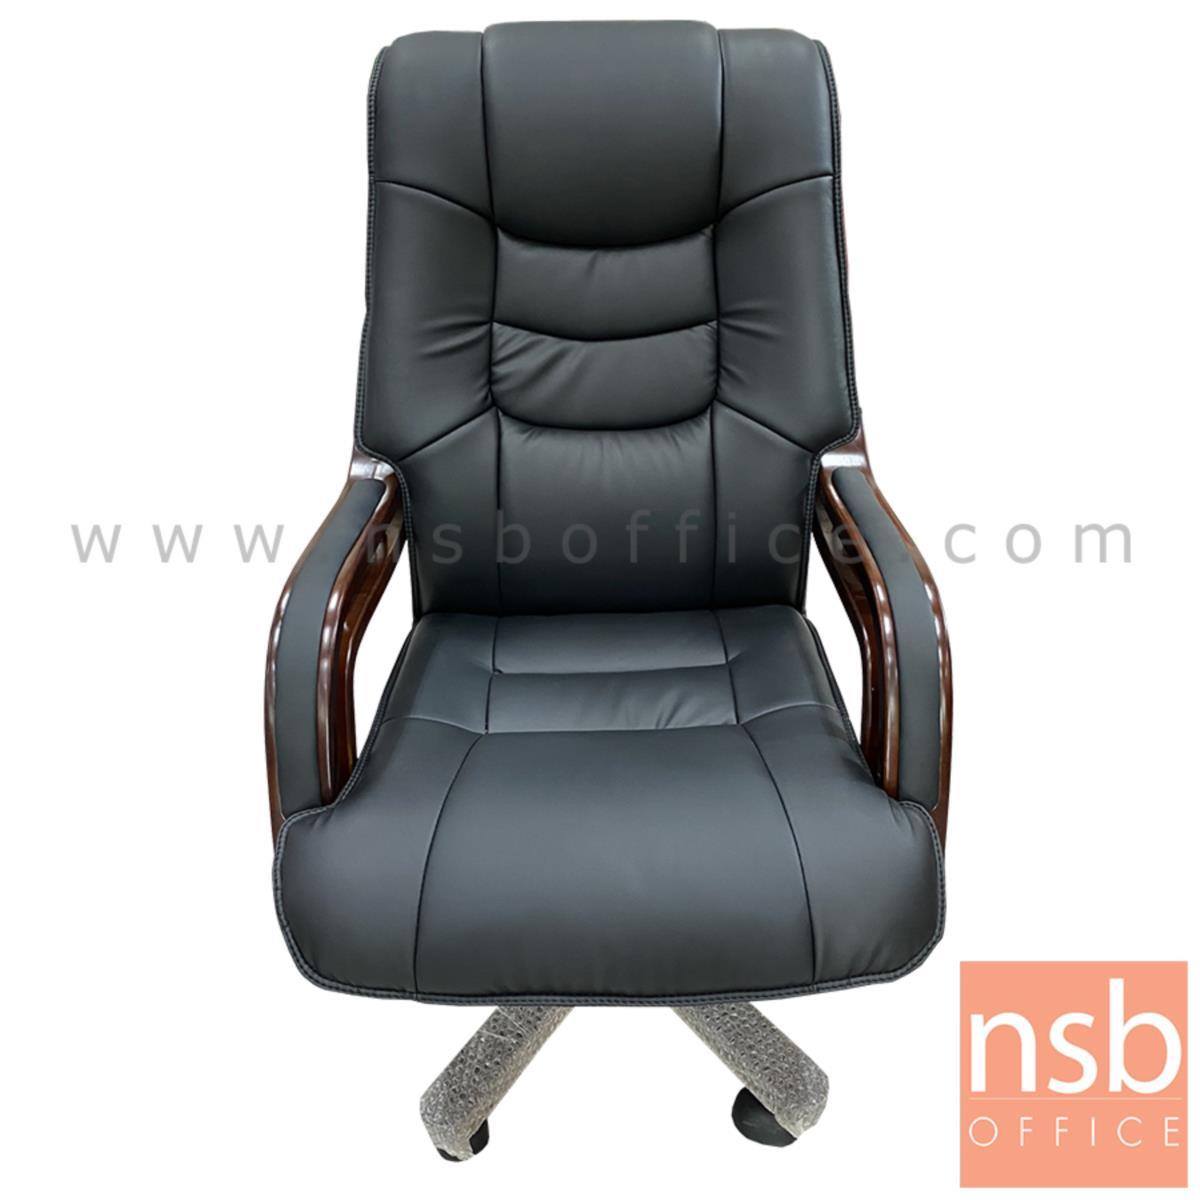 เก้าอี้ผู้บริหาร รุ่น Oleander (โอลิแอนเดอะ)  โช๊คแก๊ส แขน-ขาไม้